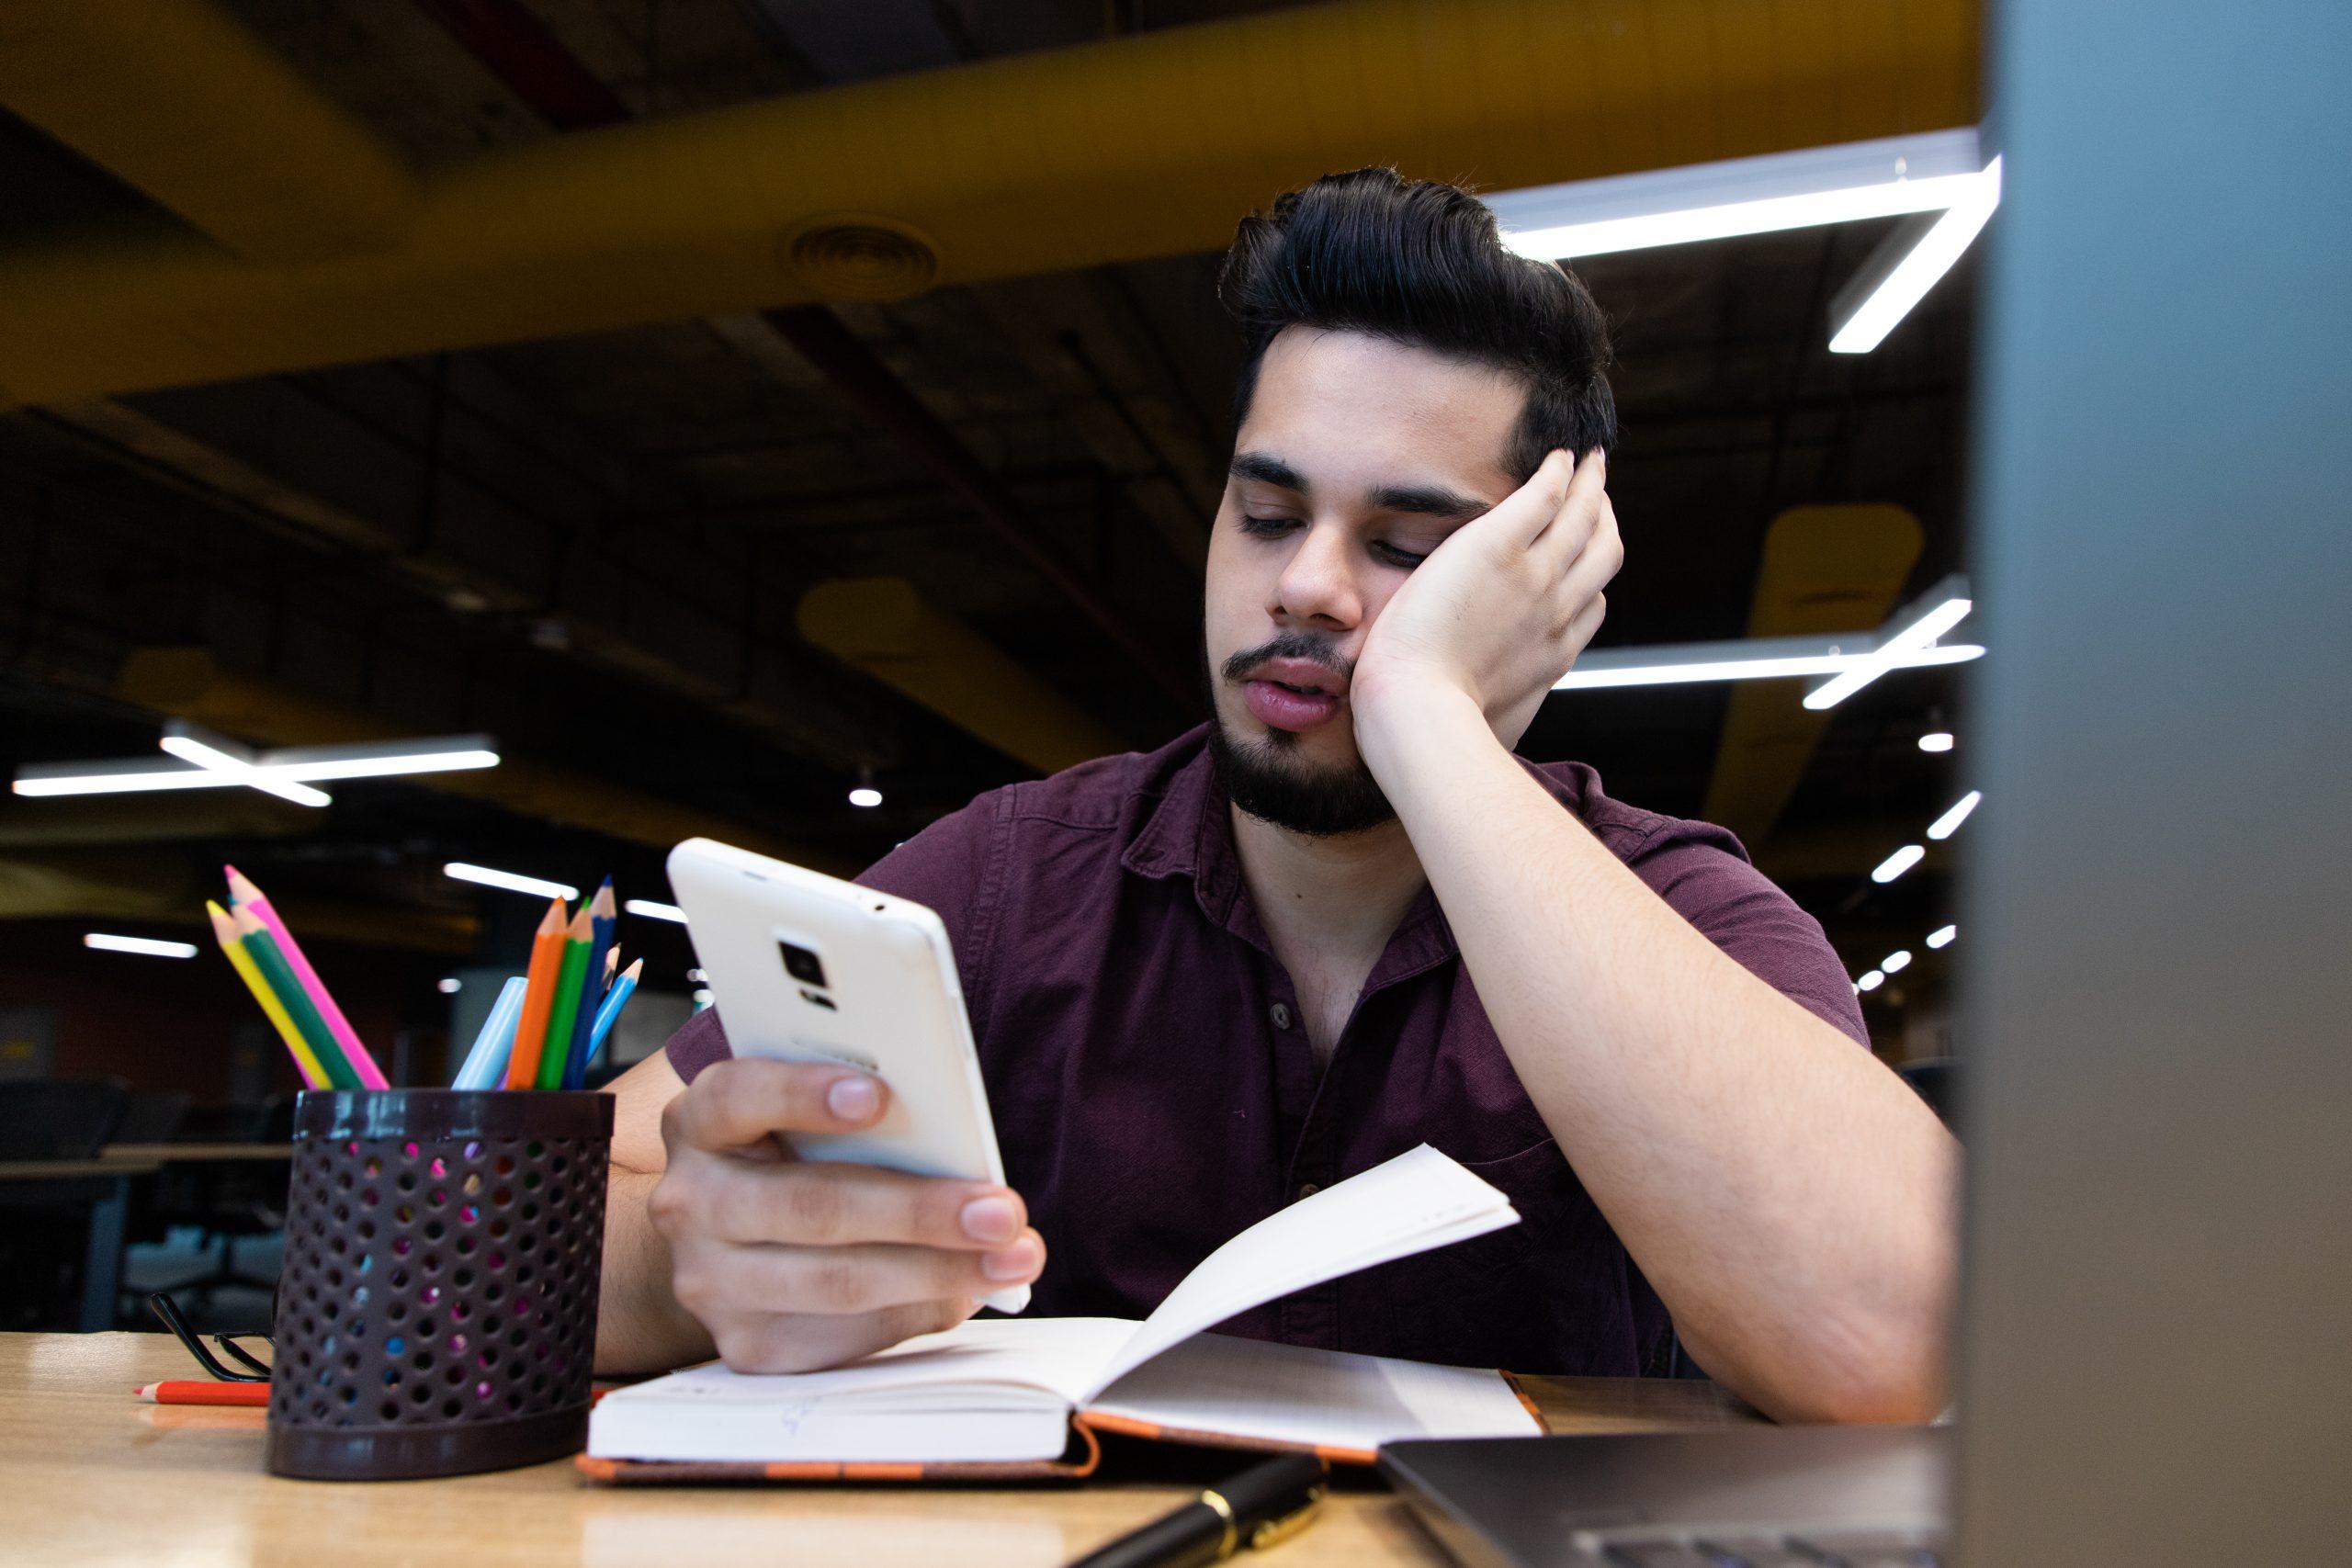 A sleepy man using tablet